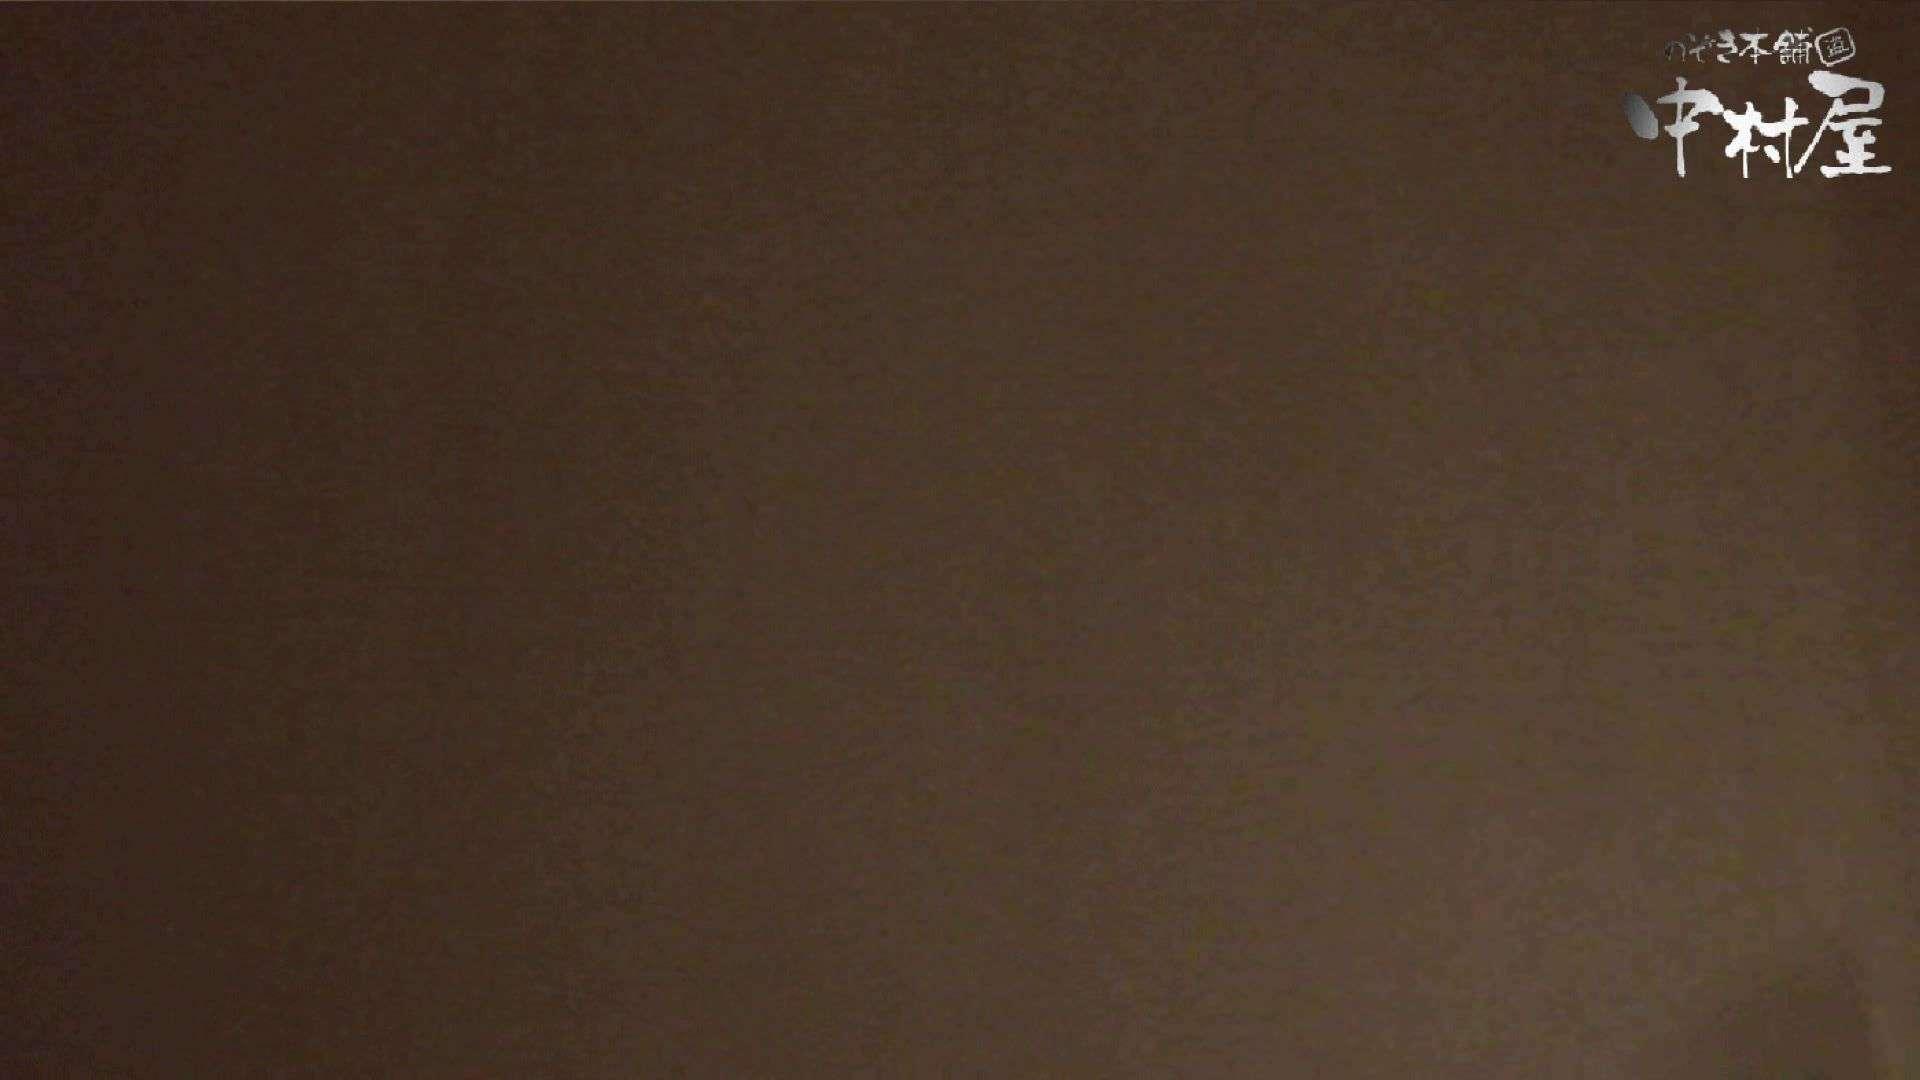 【世界の射窓から】世界の射窓から vol.6 洗面所 | OLセックス  80画像 27